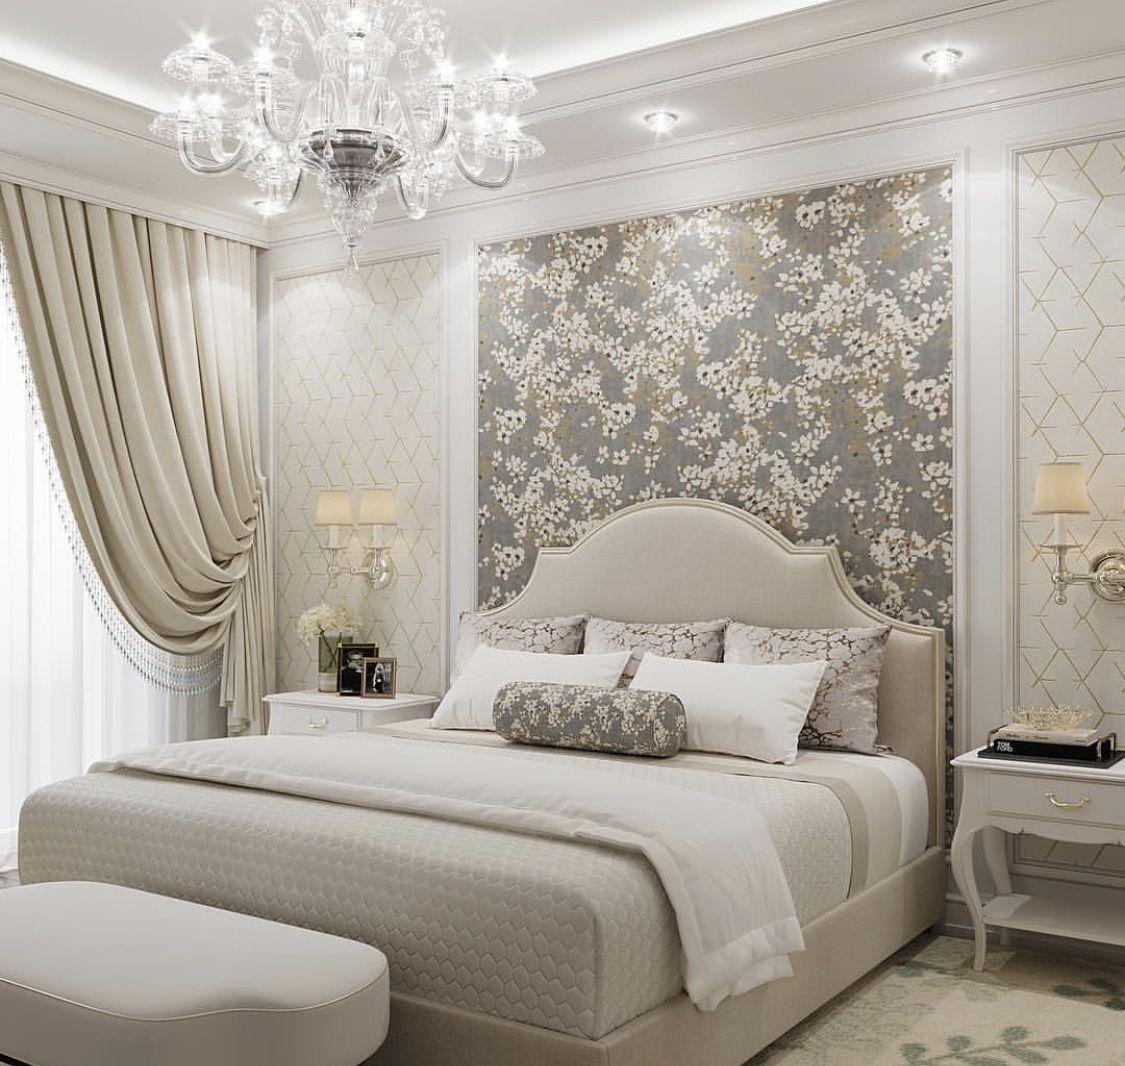 Light bright beige bed, cream bed, classy bedroom, elegant bedroom